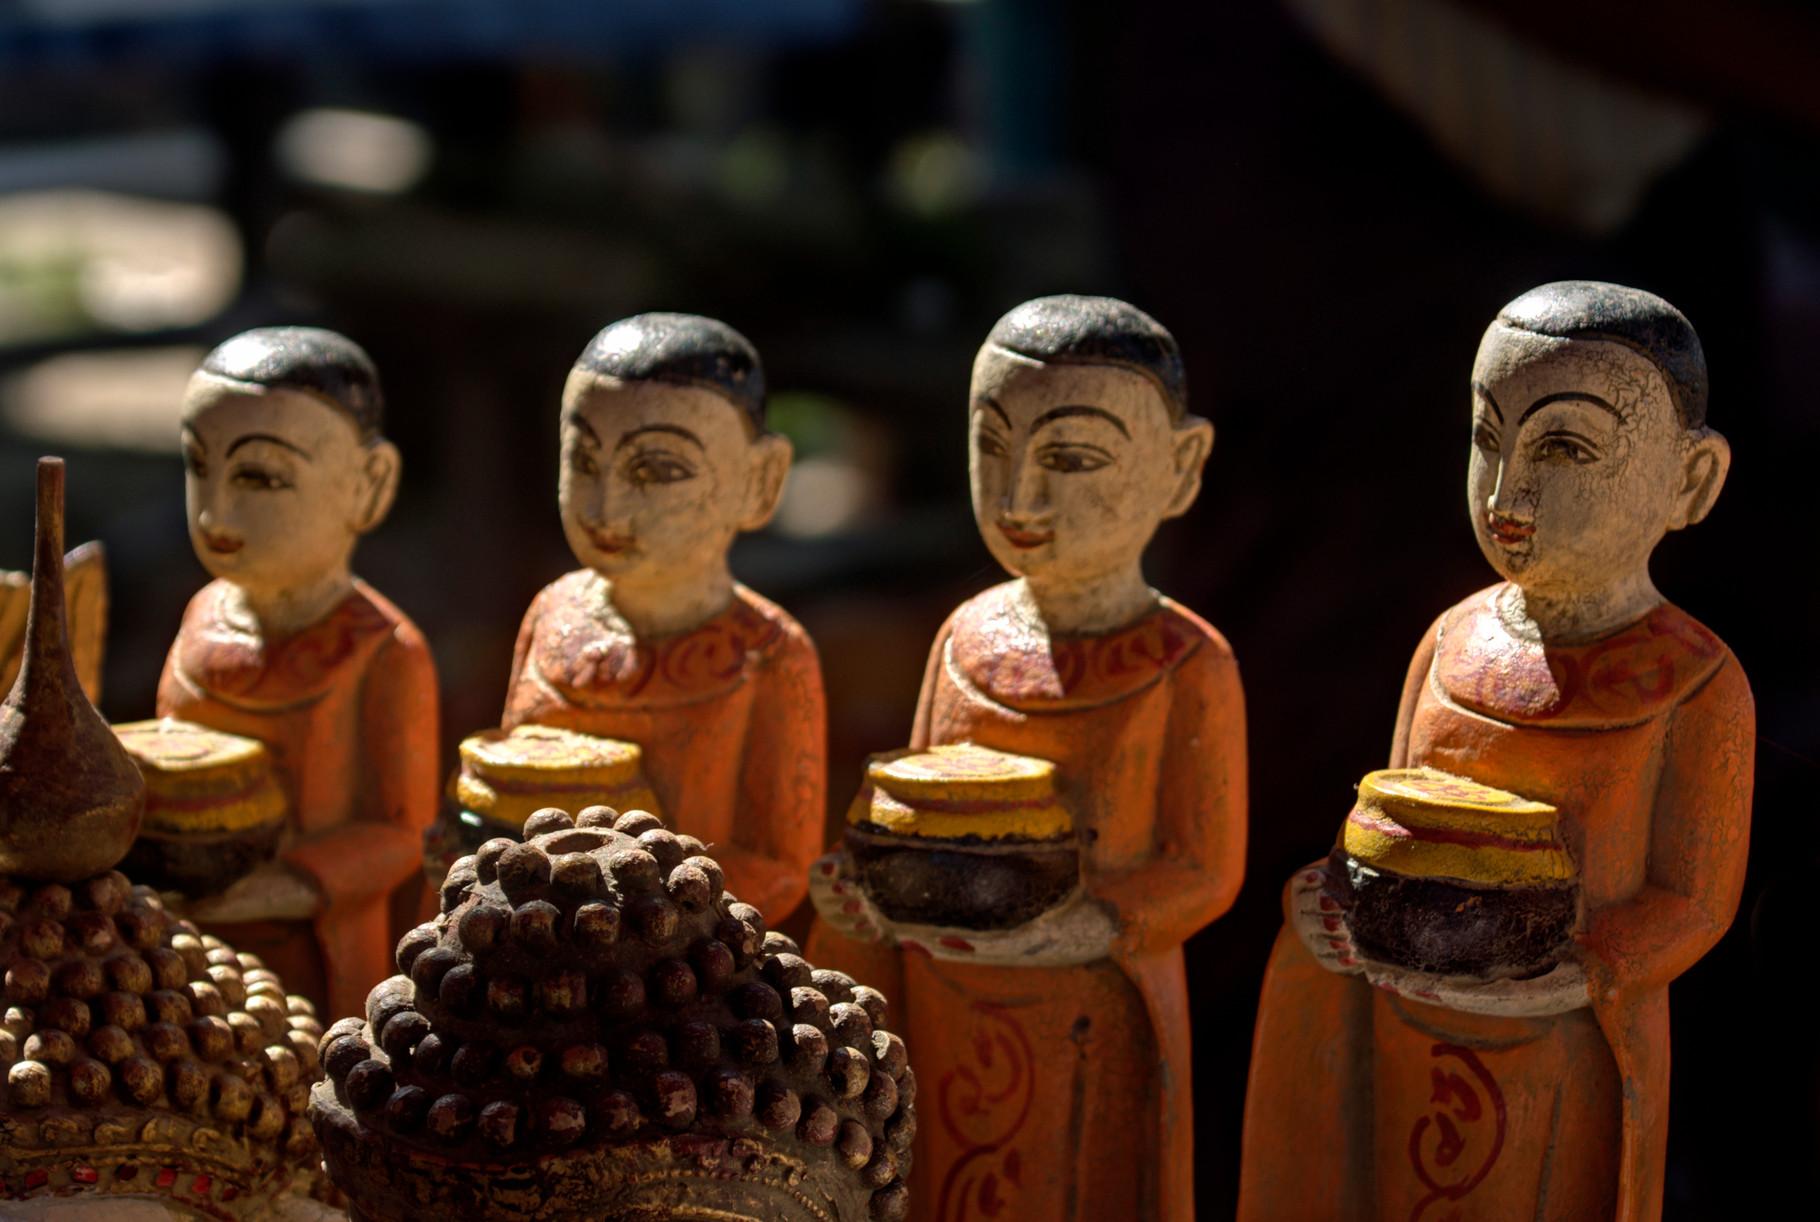 Reichlich kleine Mönche   zum Mitnehmen  für zu Hause